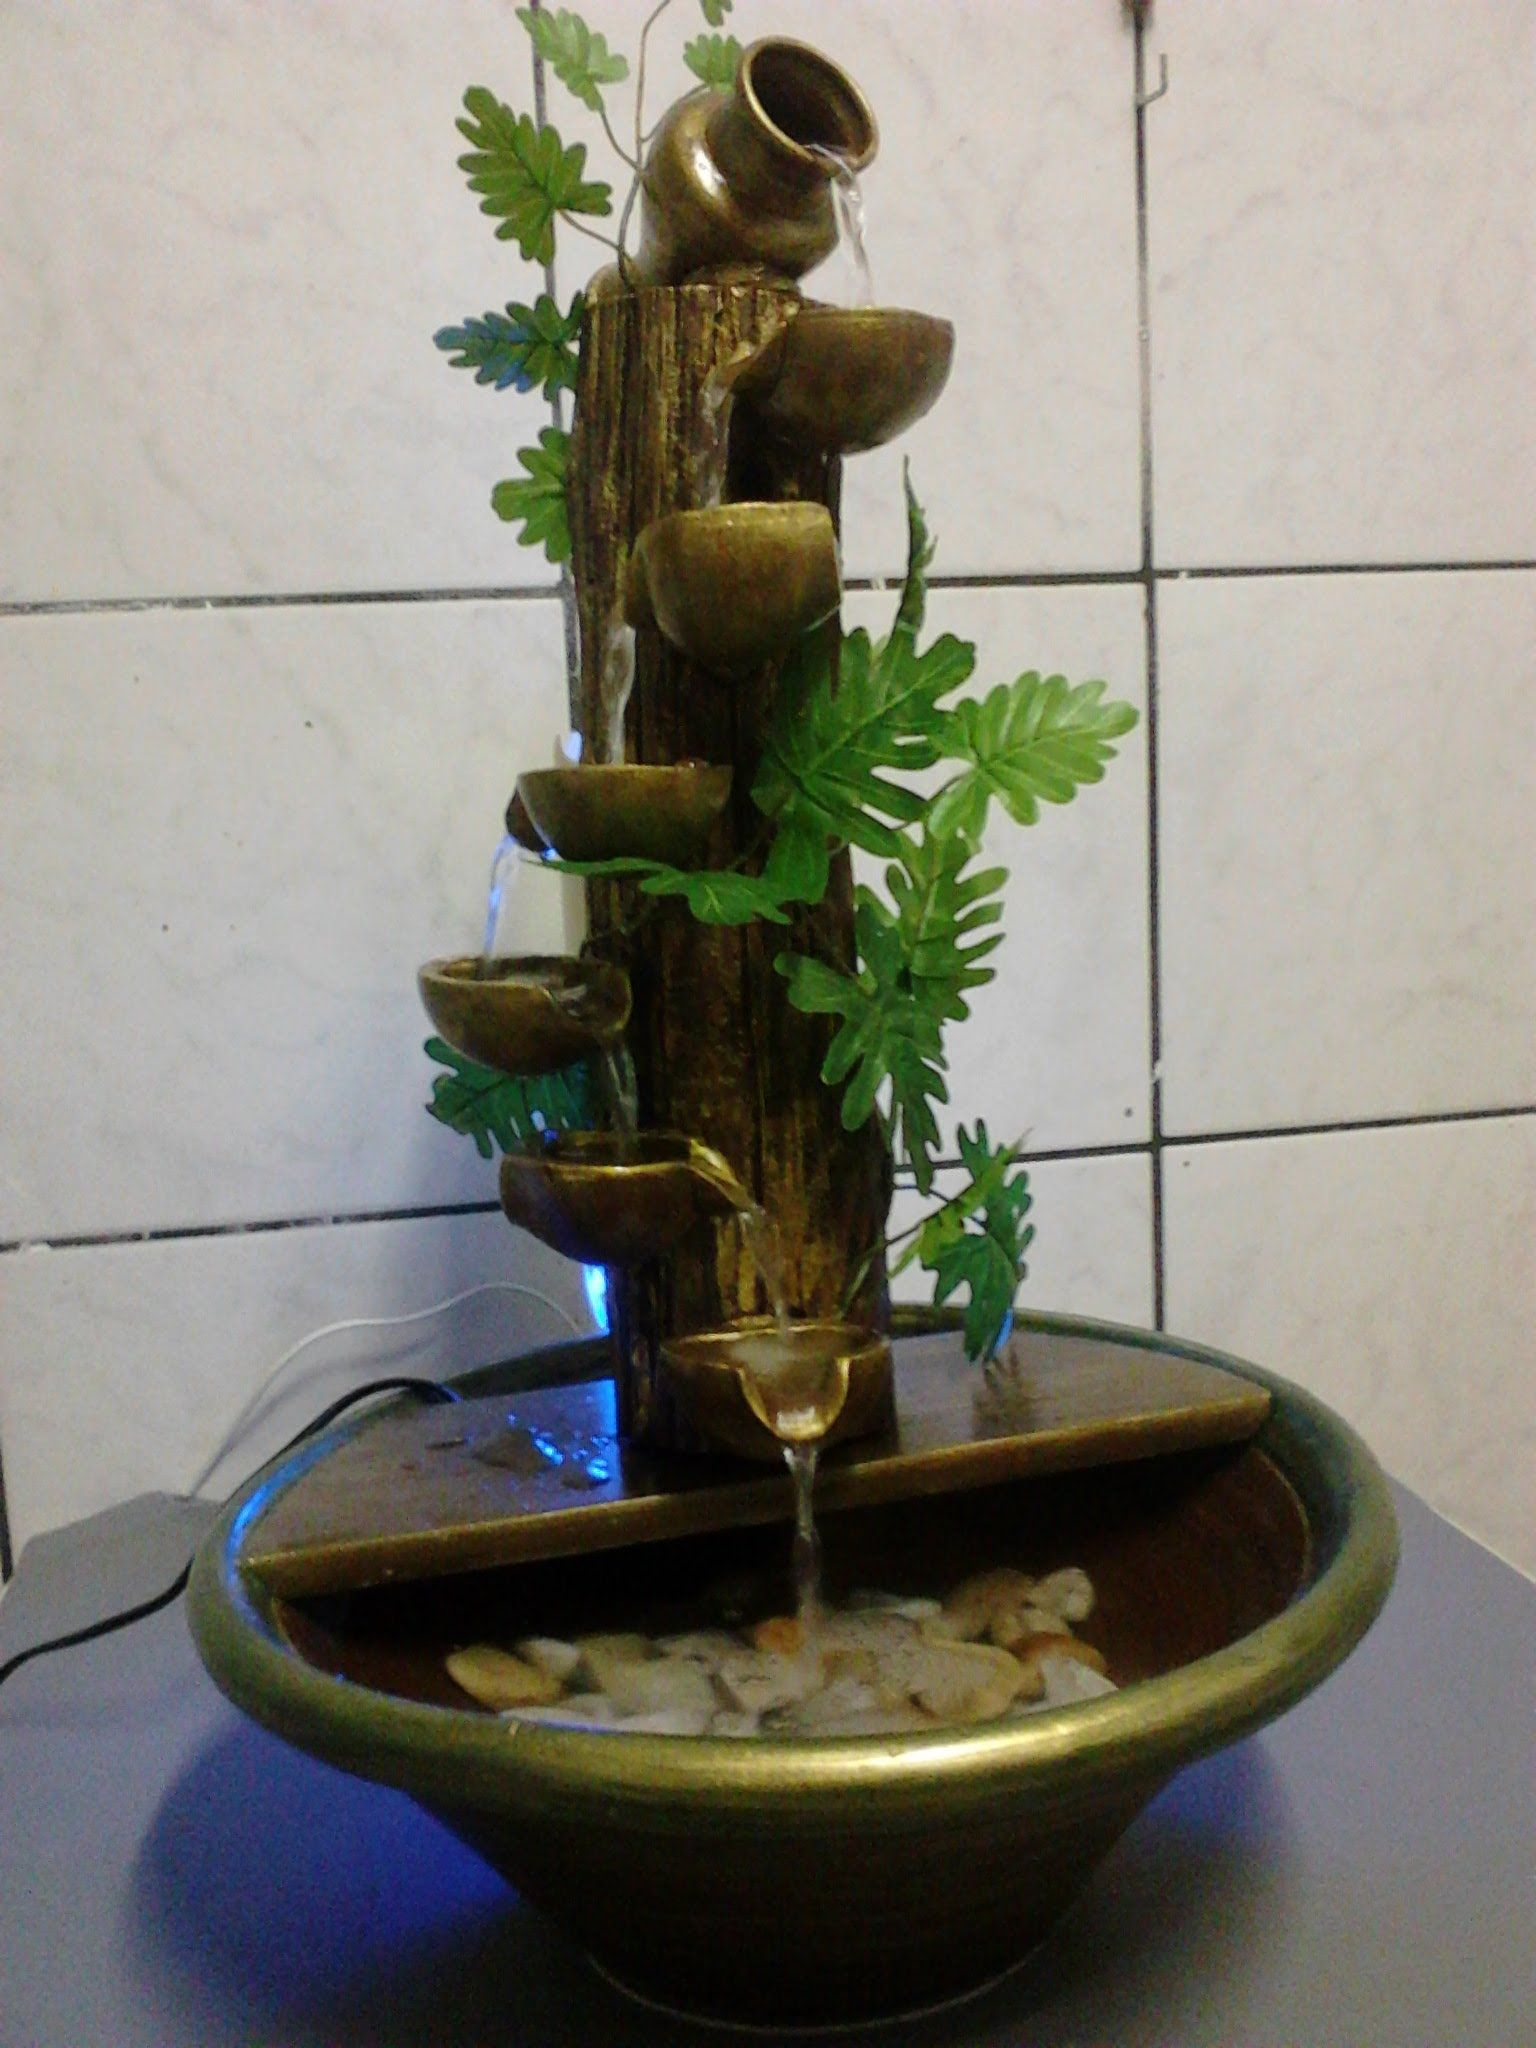 Fonte de Água em tronco de árvore seca - Lúmen Artes Ateliê